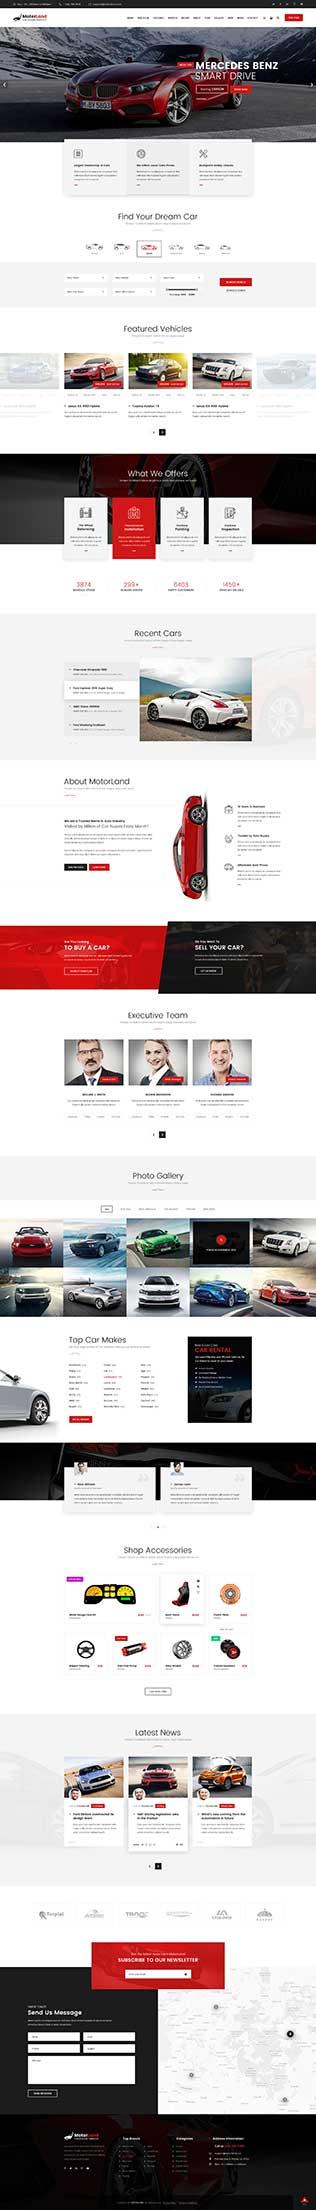 Mẫu giao diện thiết kế website thuê xe du lịch